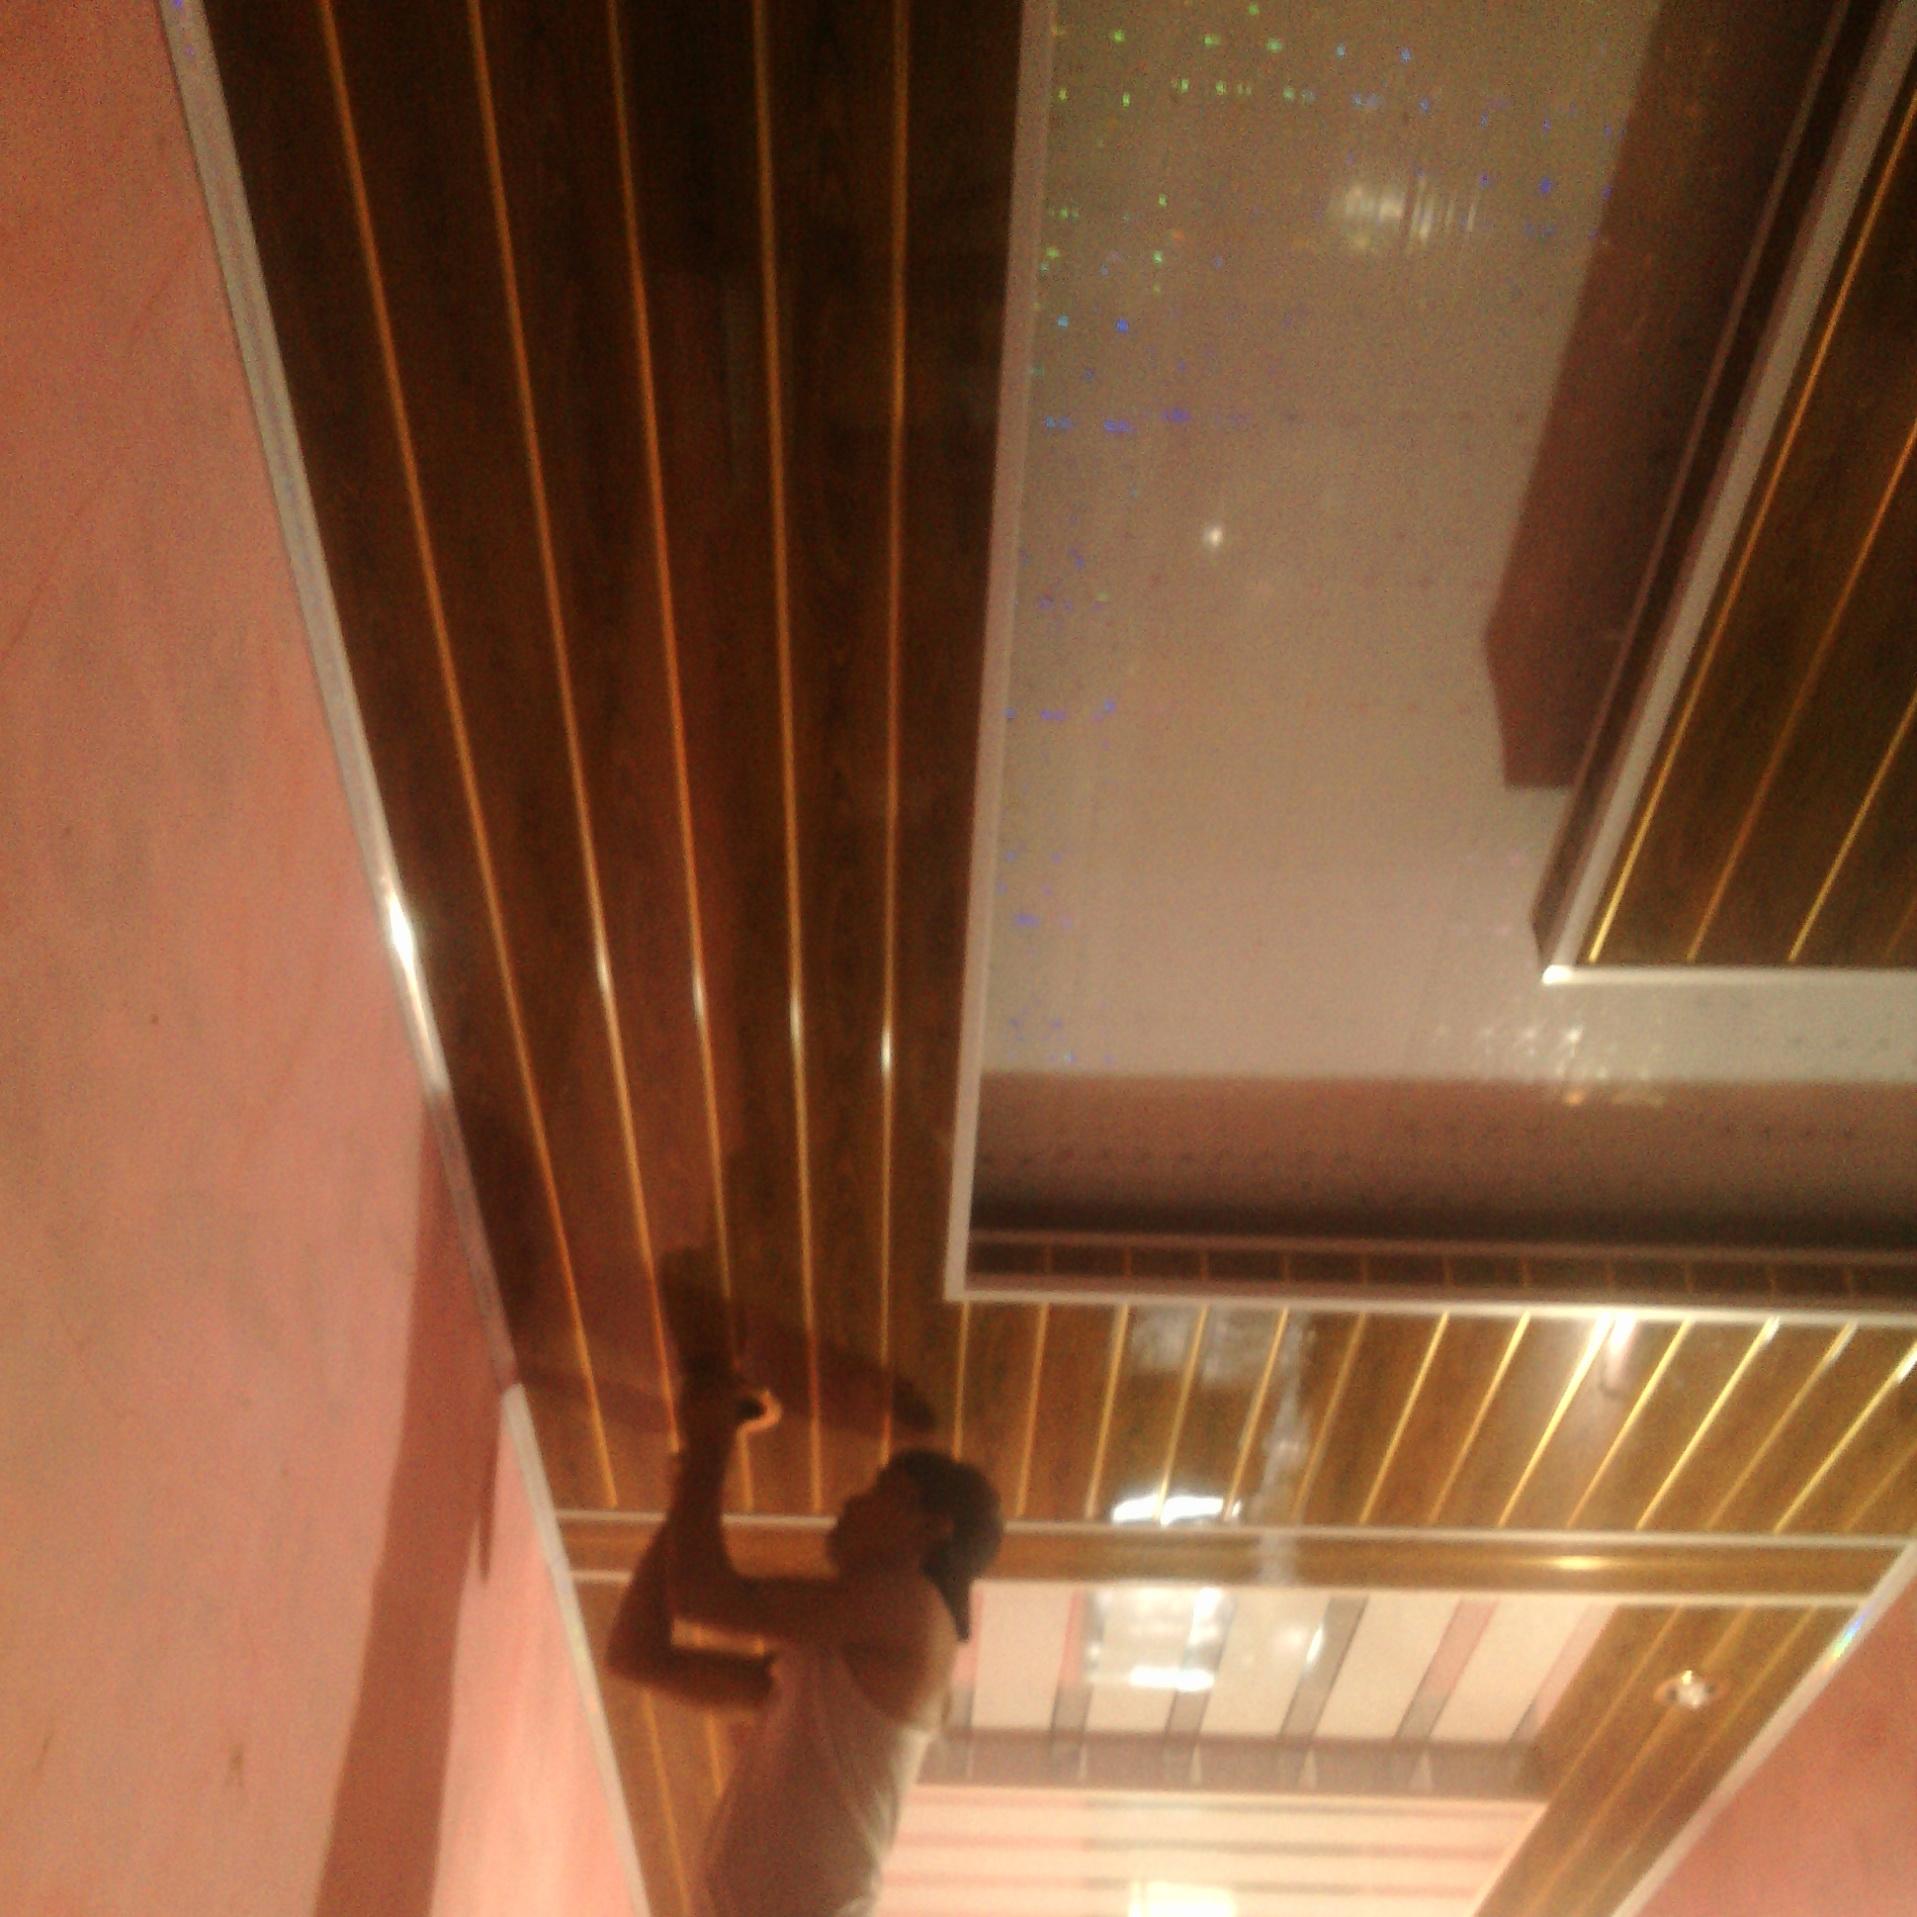 Harga Plafon PVC Per Meter Terbaru 2019